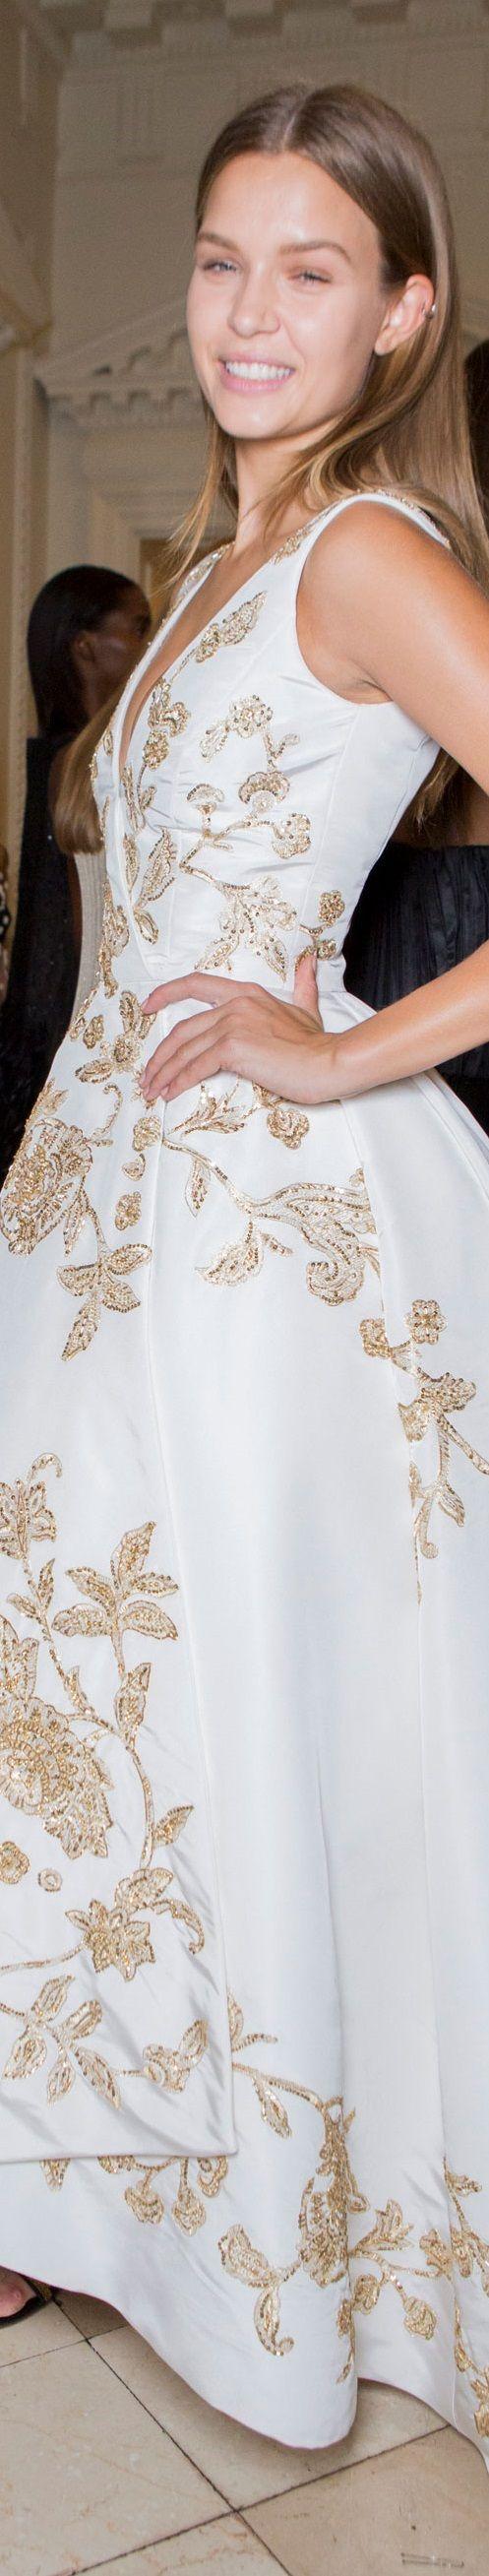 17 best images about wedding dress quest on oscar de